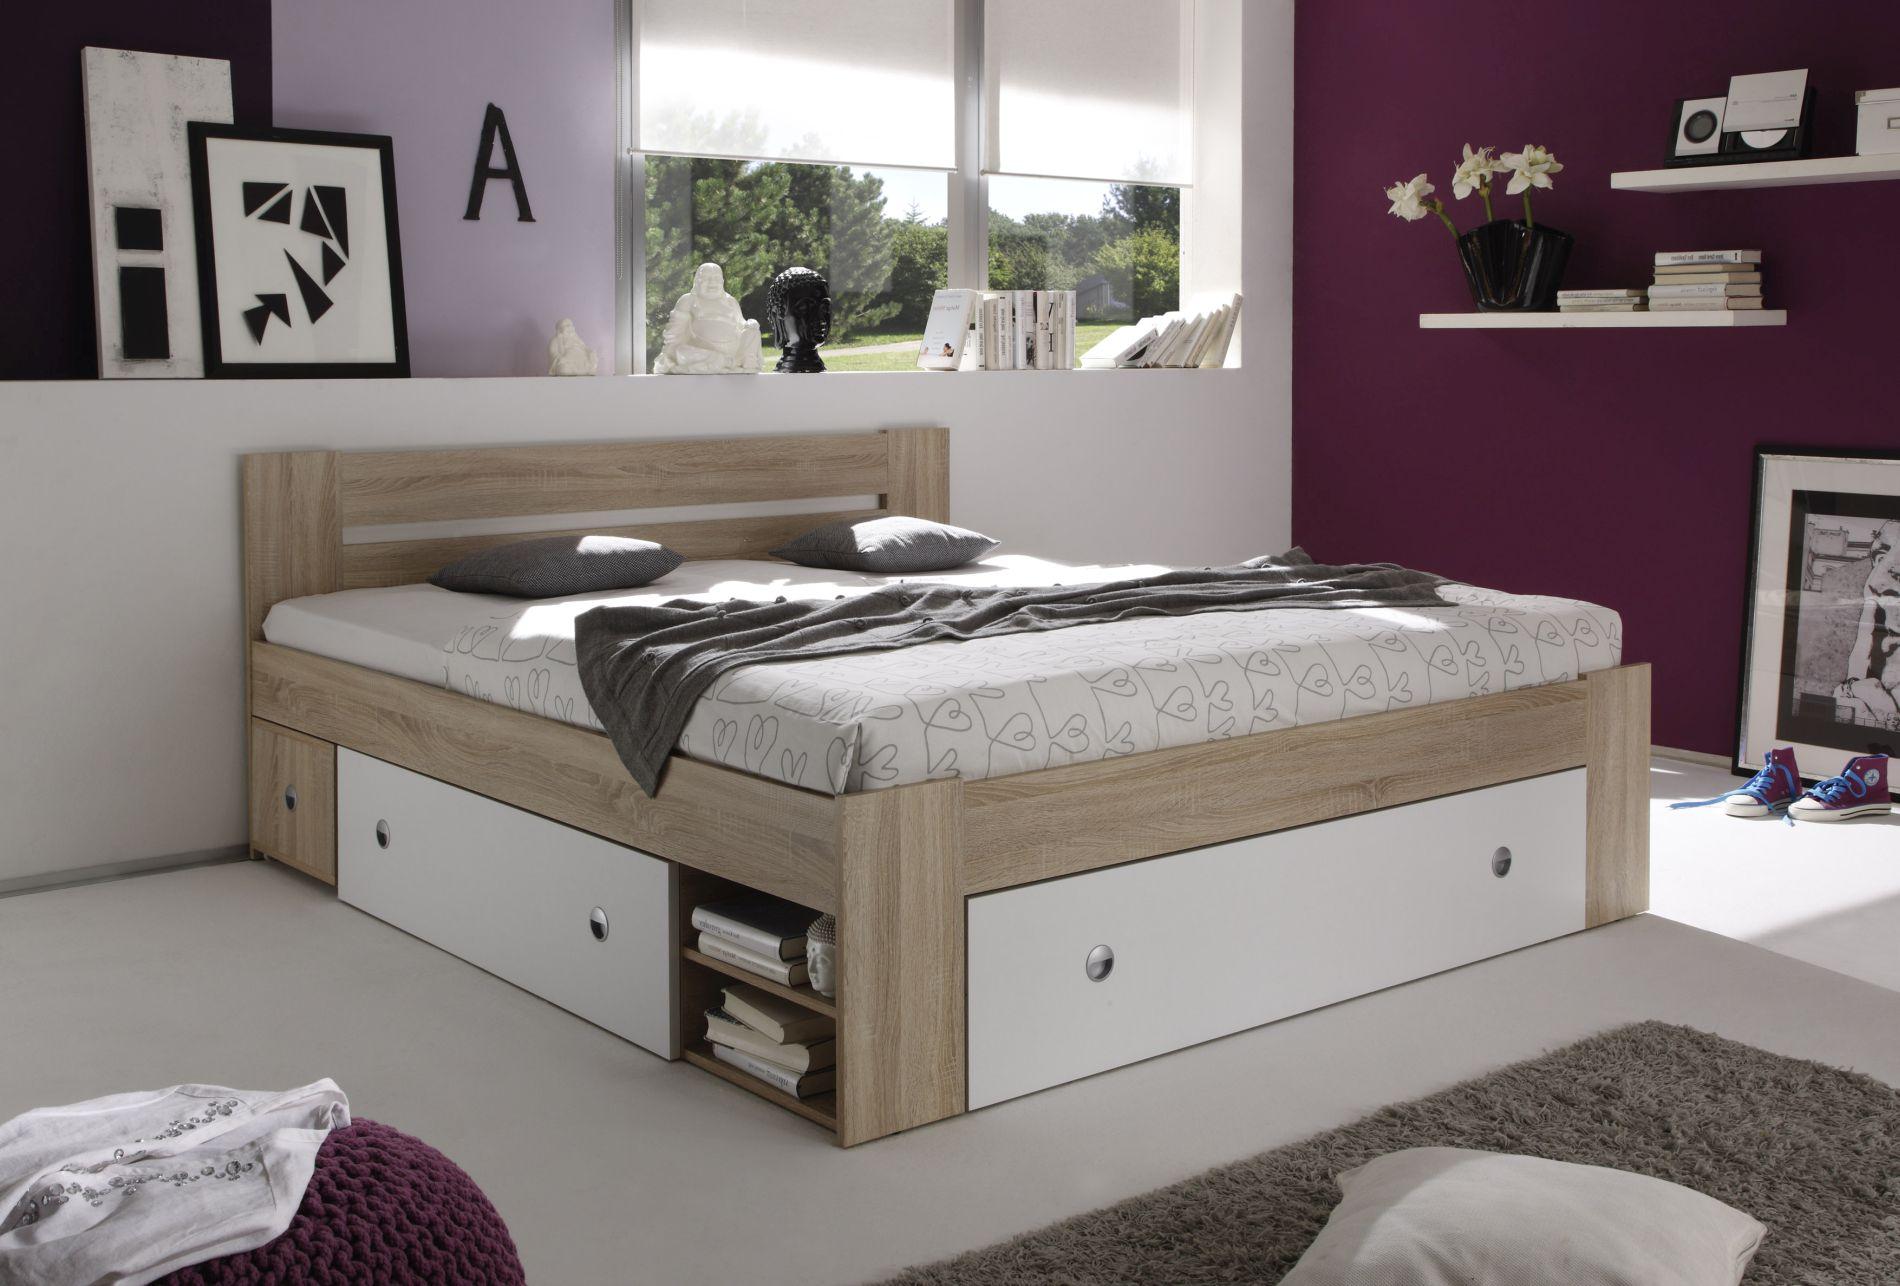 futonbett stefan einzelbetten schlafzimmer sortiment pack zu m bel sb und k chen discount. Black Bedroom Furniture Sets. Home Design Ideas